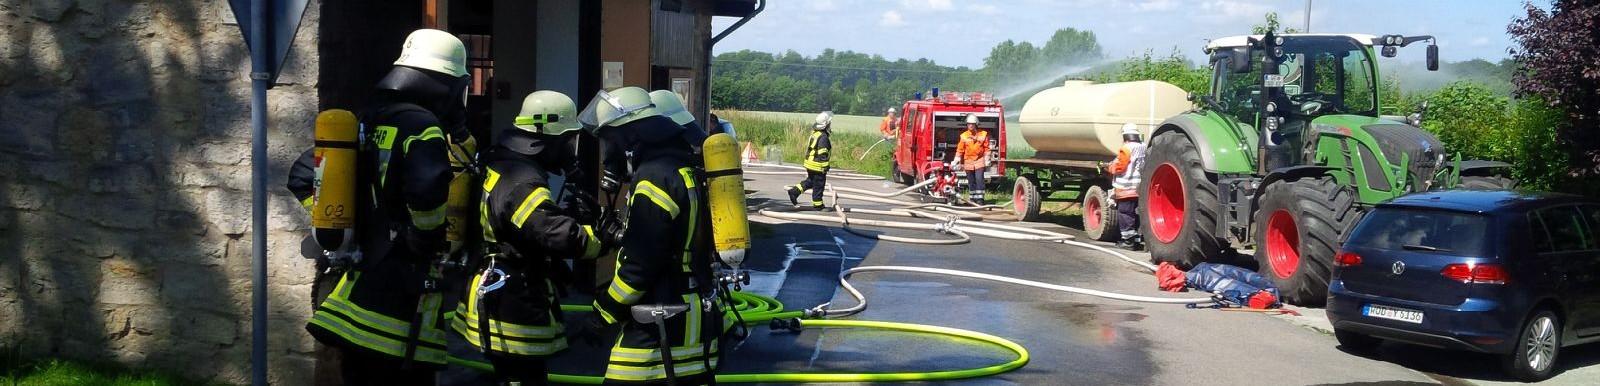 Freiwillige Feuerwehr Hemkenrode